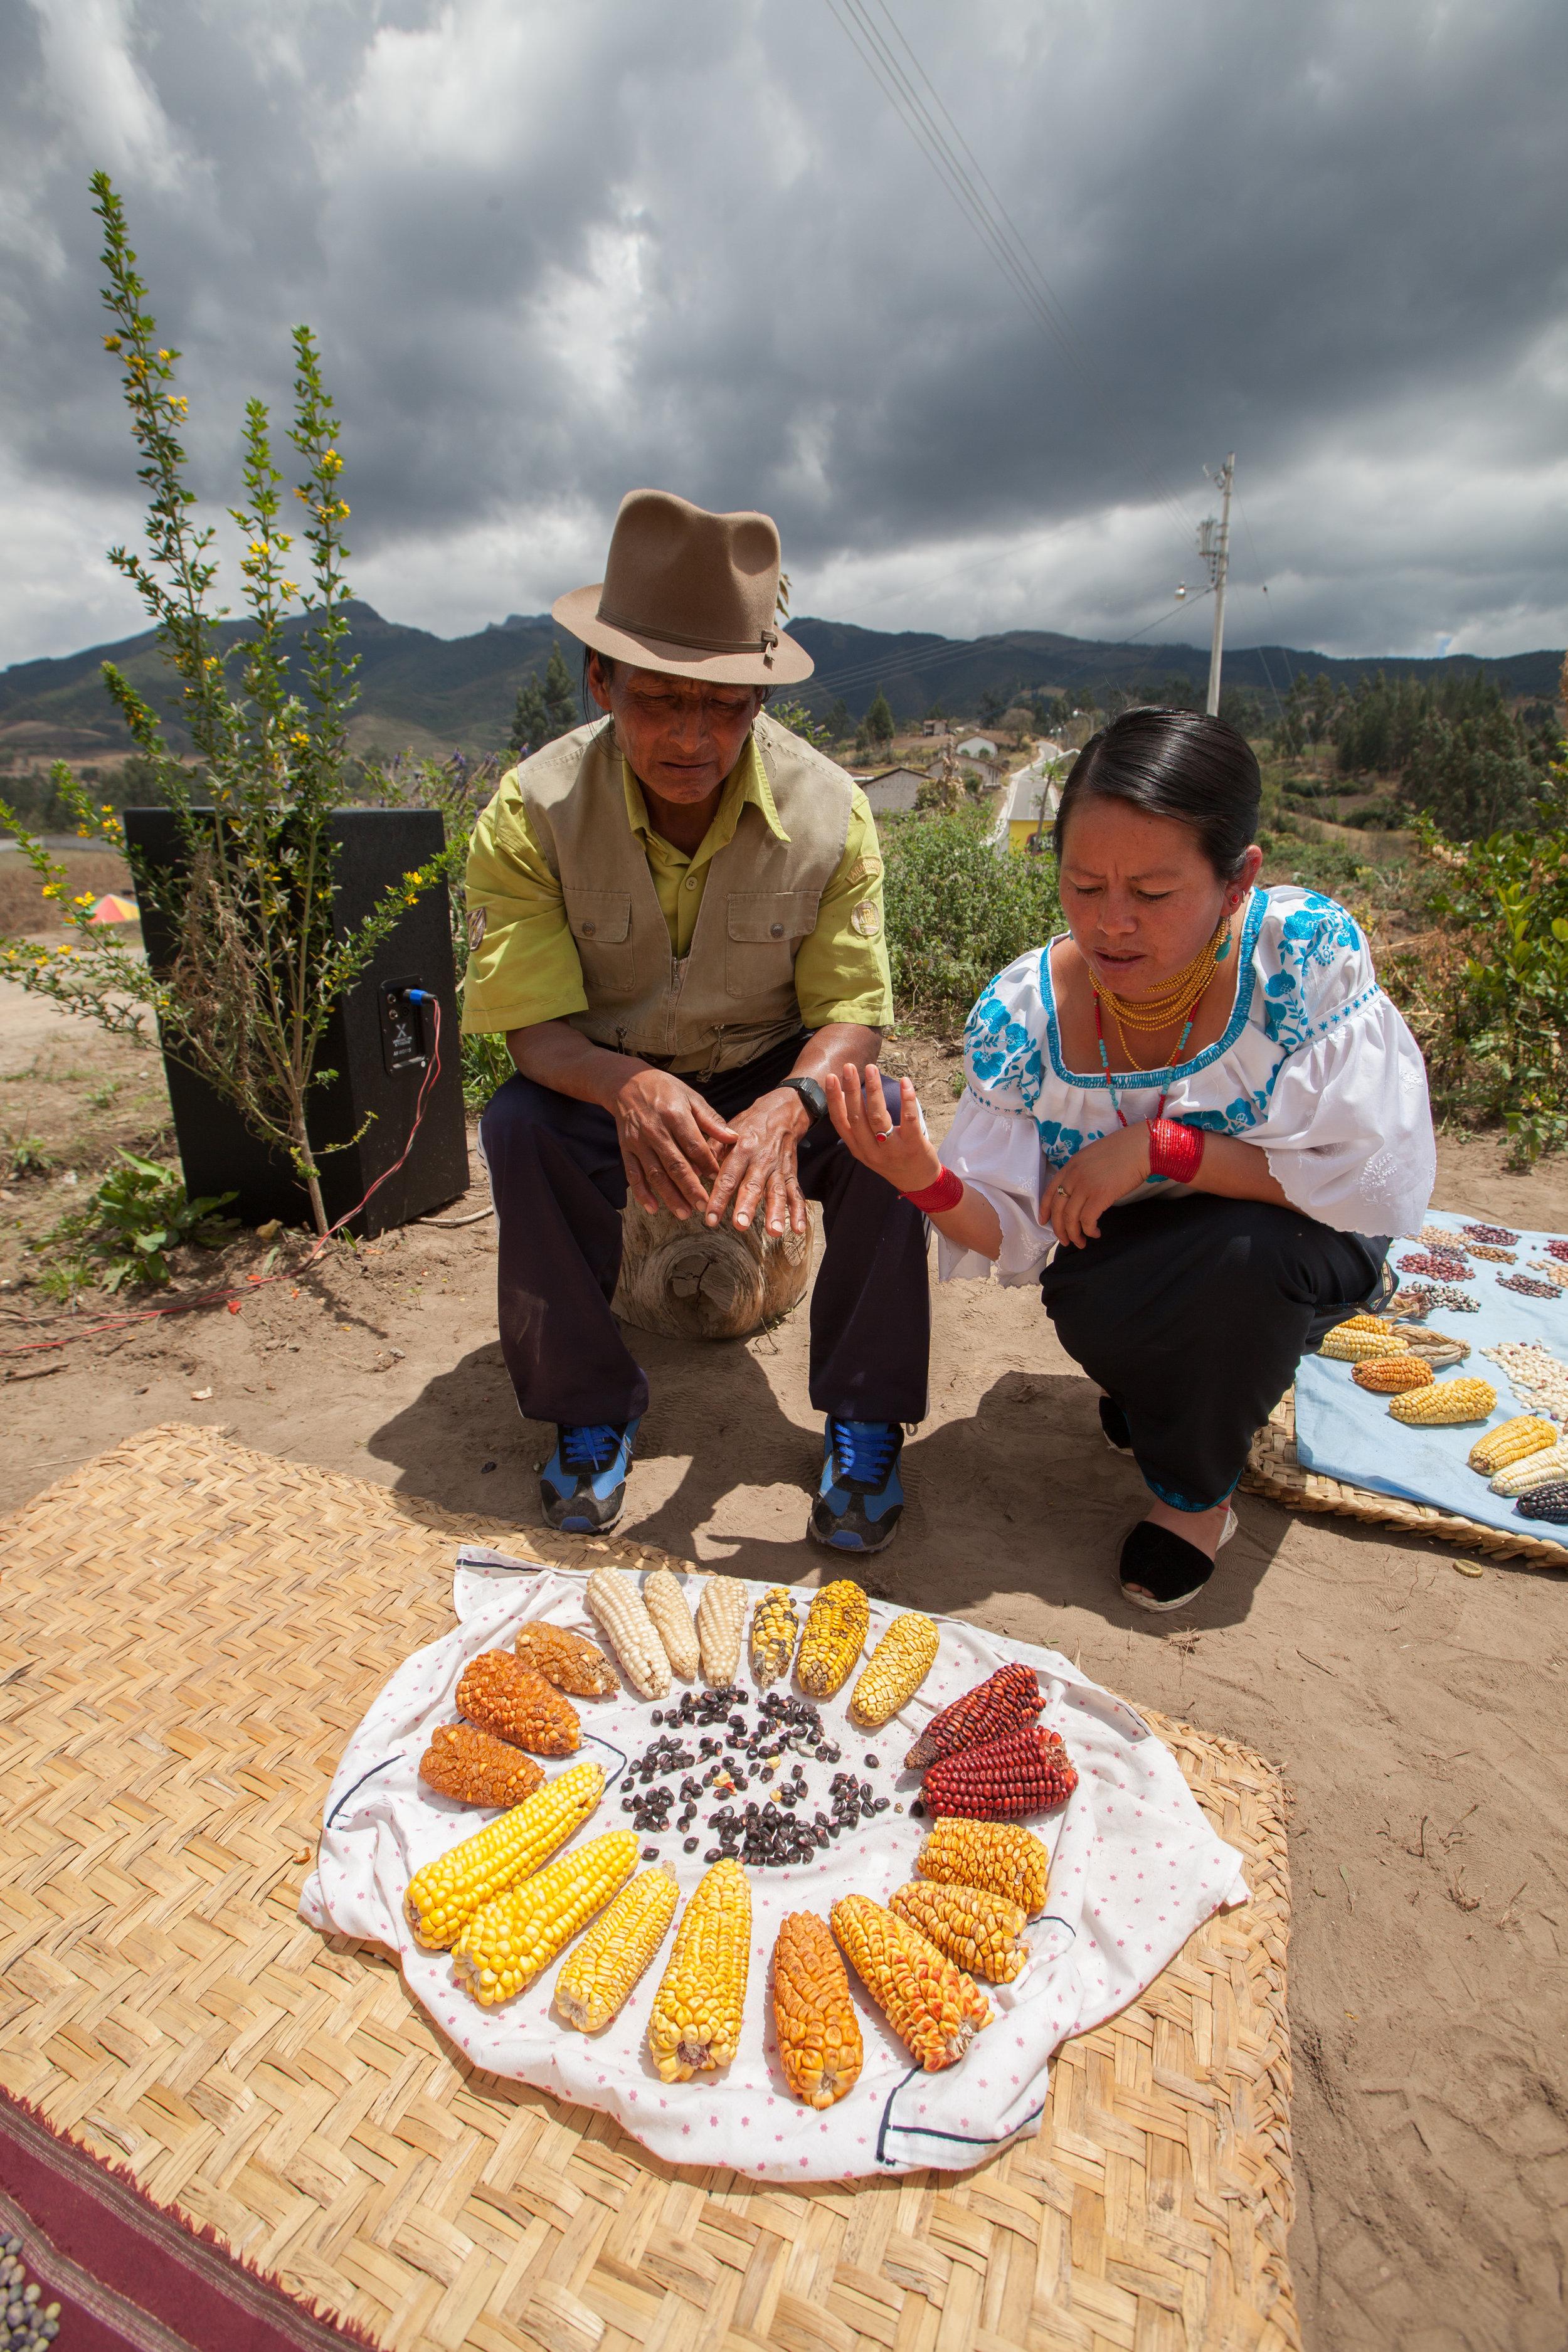 """Manuel Burga Espinoza. Mojandita, Otavalo, Ecuador.  """"Maiz es lo que nos da vida, porque nos ayuda alimentar a nuestra hijos. Tenemos que guardar muy bien la semilla.  Si a los jóvenes no enseña los papas a valorizar las semillas, se pierde. Las personas quienes están encargados en enseñar los hijos a amar la naturaleza, de sembrar, y que ellos empiezan a querer, a enamorarse de lo que es la siembra."""""""